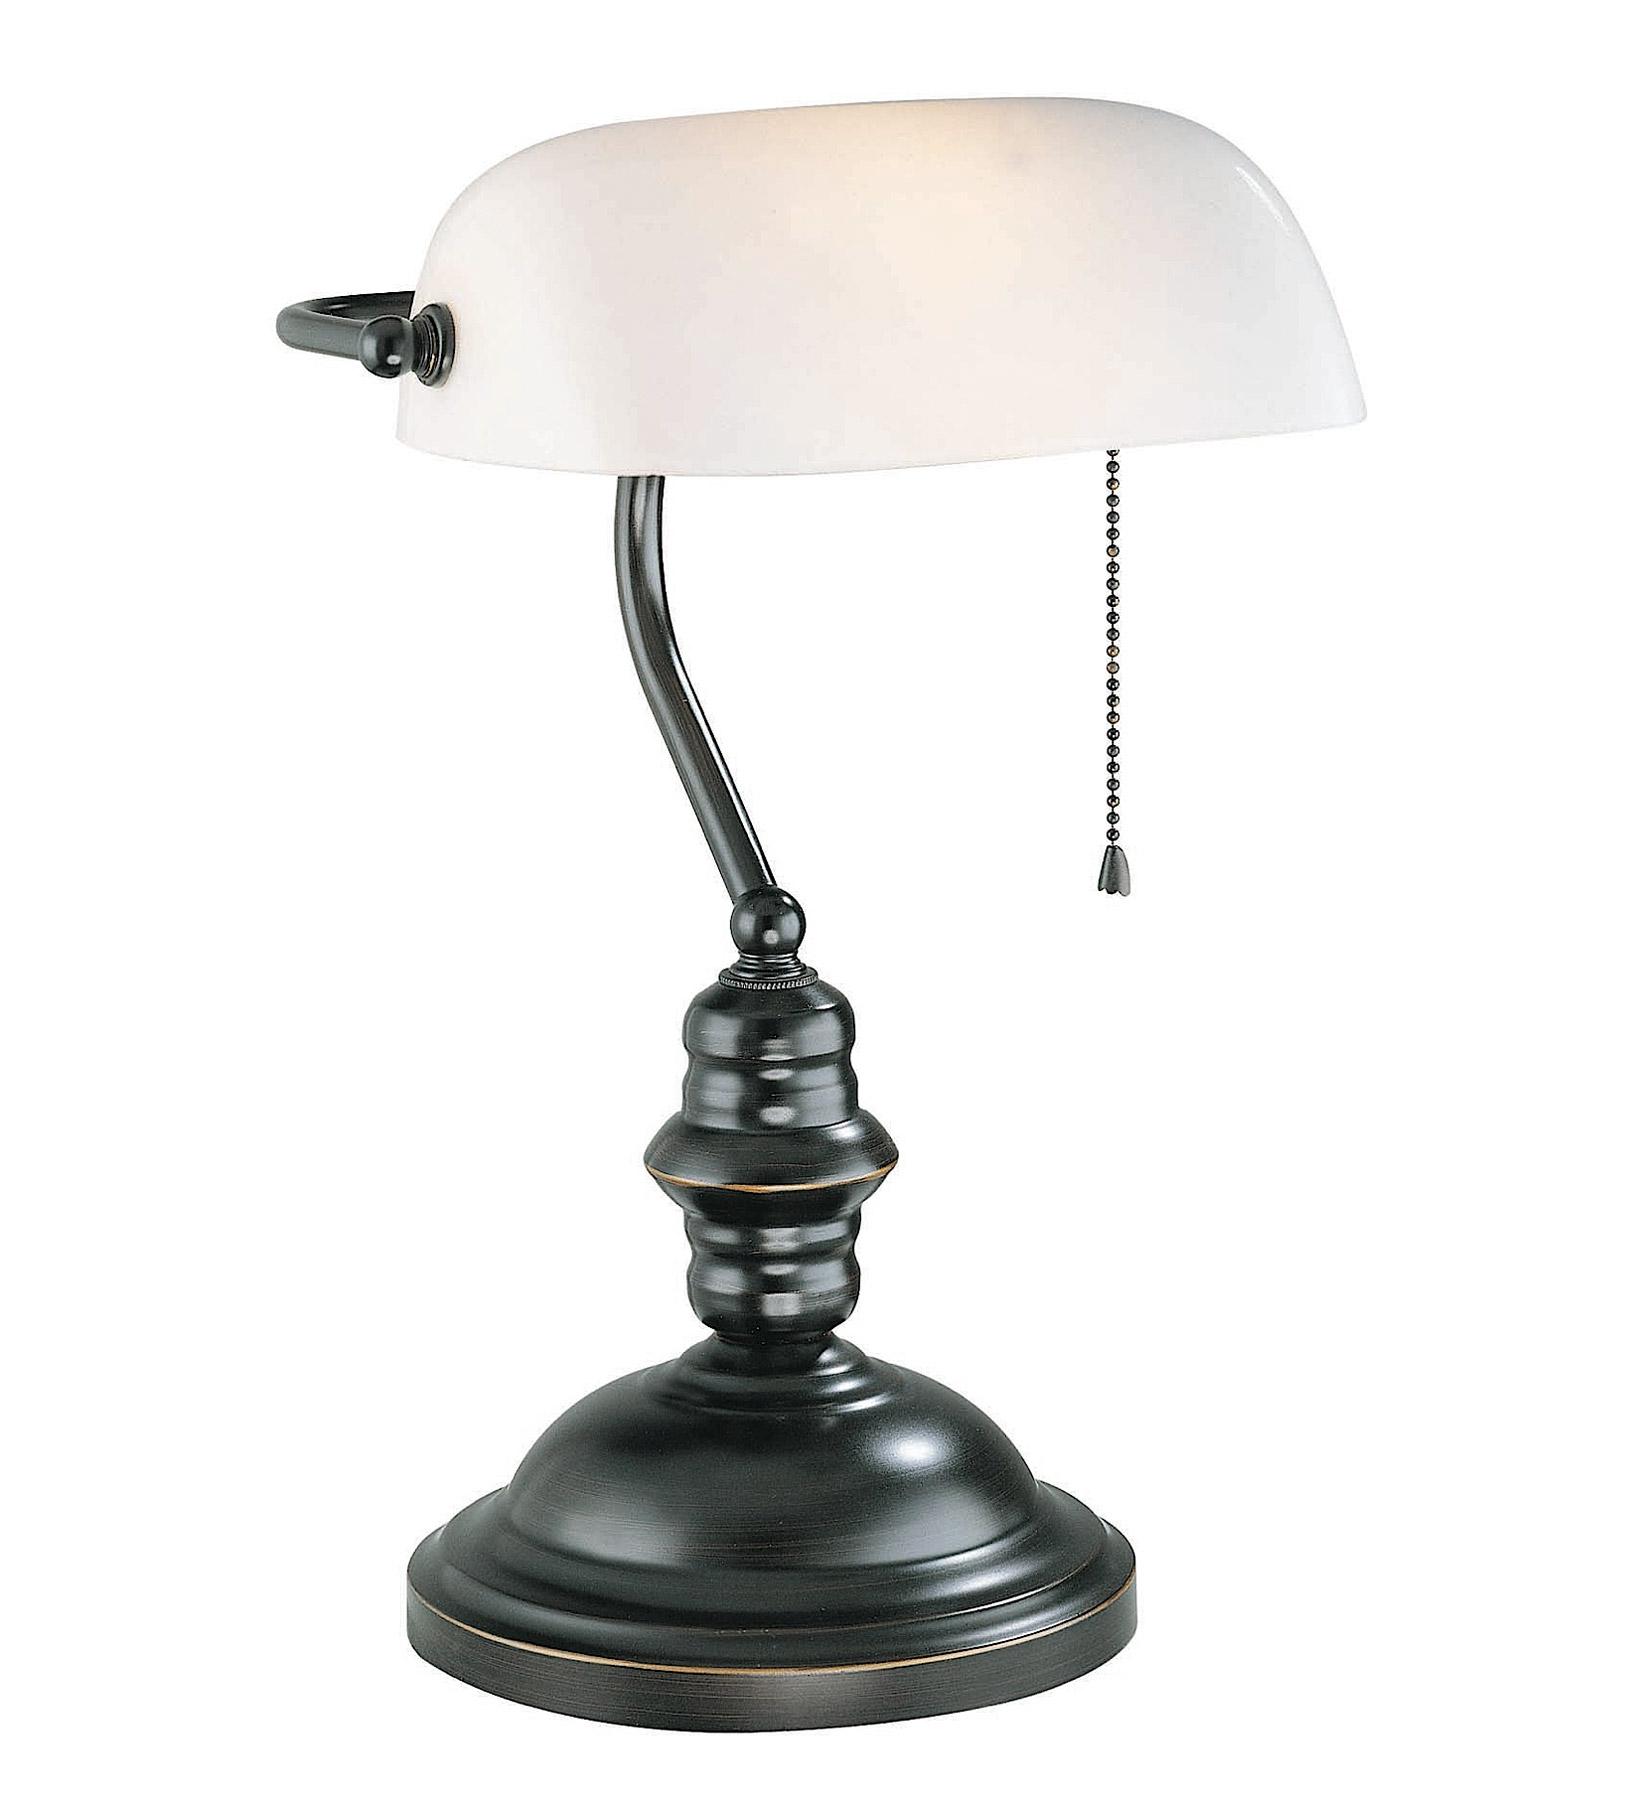 home lamps table lamps desk lamps lite source ls 224d brz